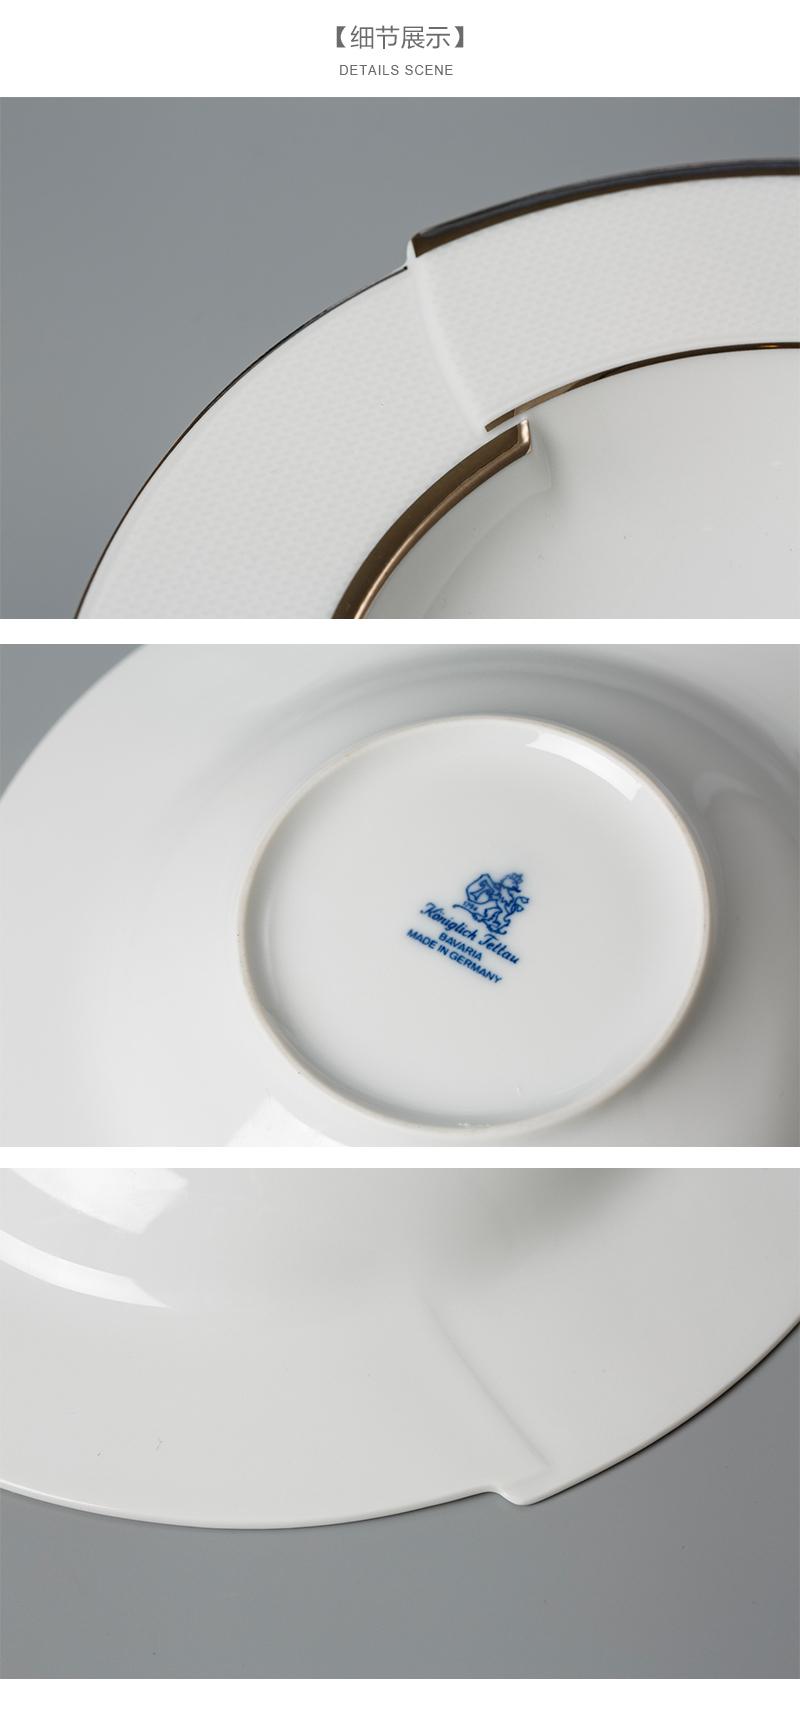 德国原产Seltmann Weiden铂金立体镶边陶瓷西餐汤盘细节展示